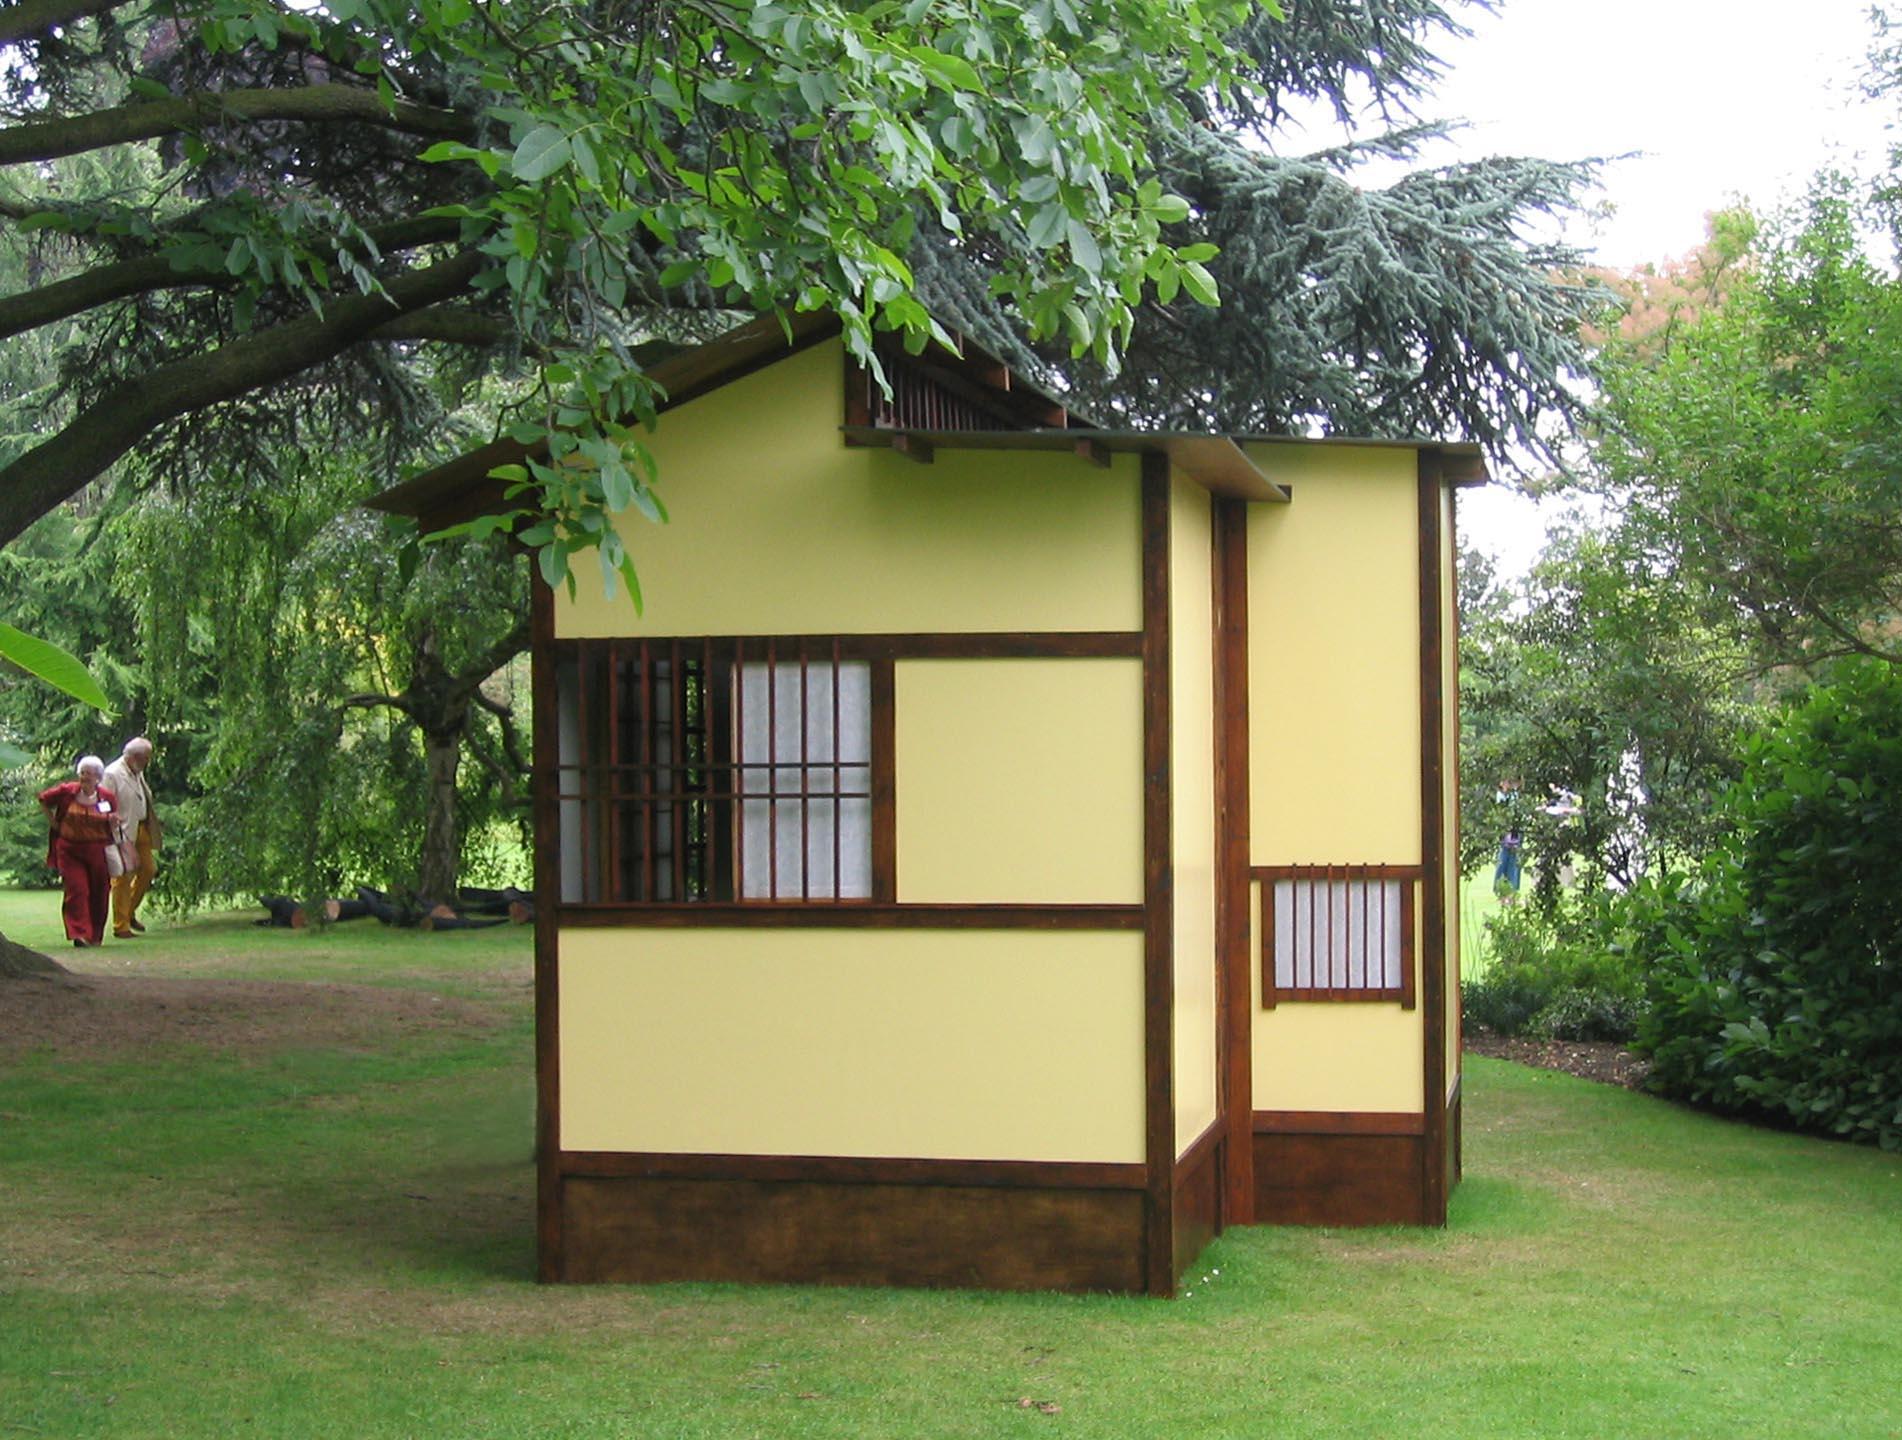 """2005 """"Japanese Tea house"""" Three mat, non functional outdoorsculpture at the Harold Martin Botanic Garden, Leicester, England."""